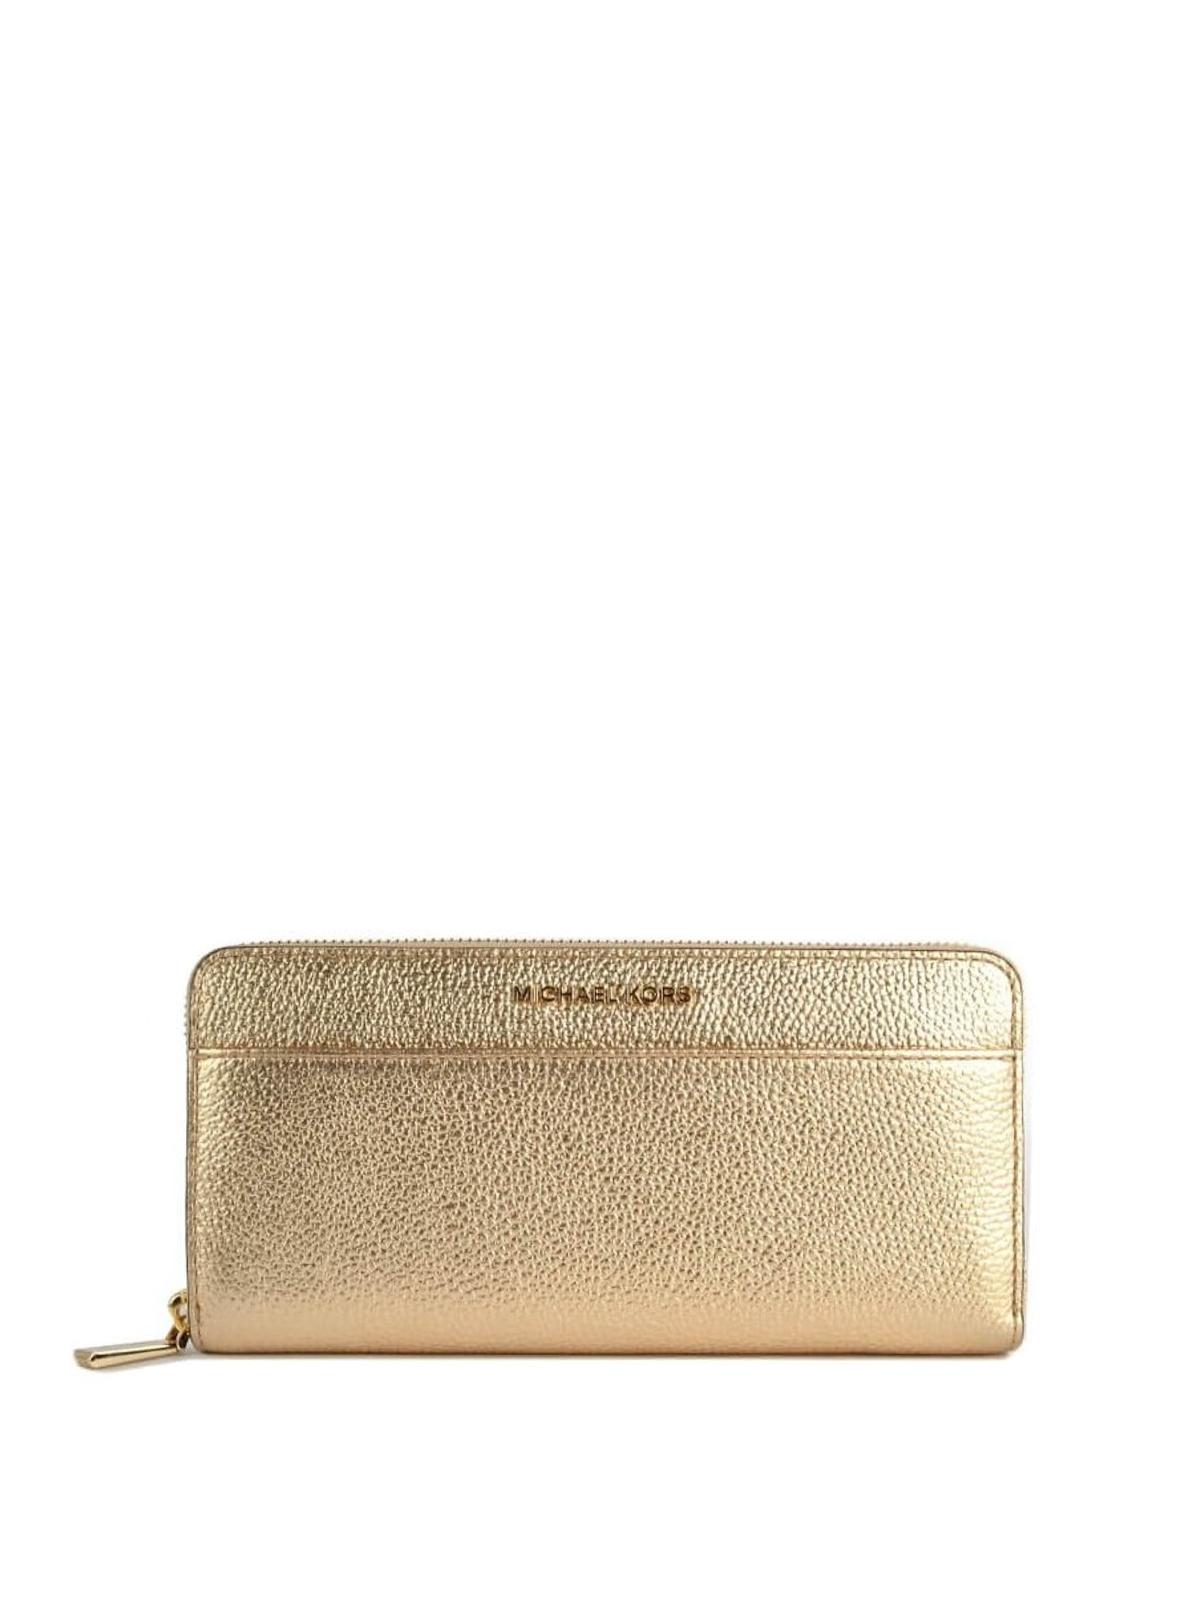 Michael Kors Mercer logo detailed hammered leather wallet